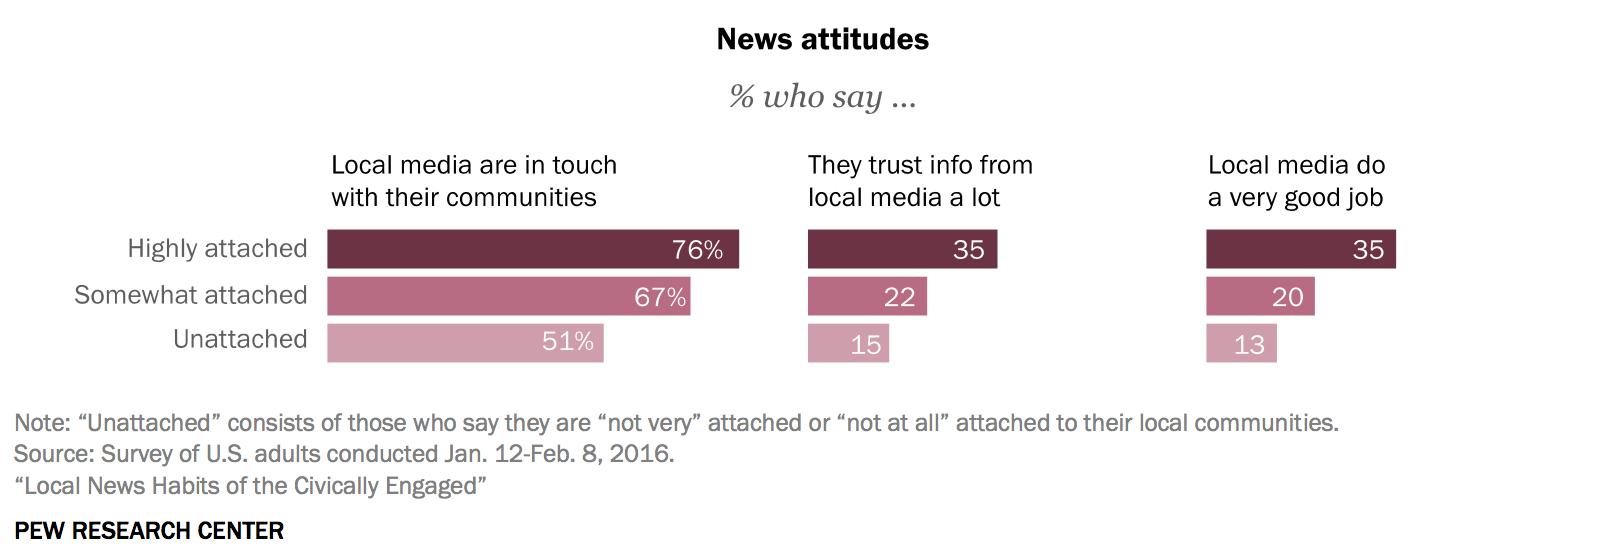 news-attitudes